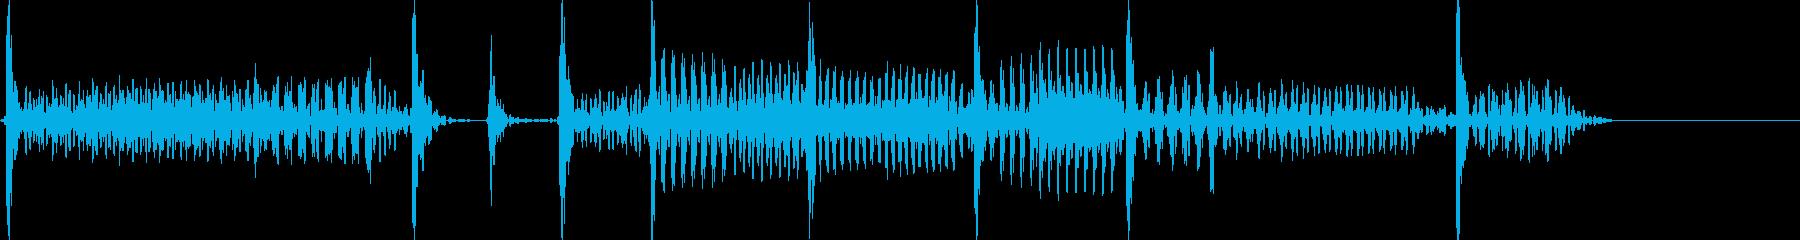 ベースでのスラップです。の再生済みの波形